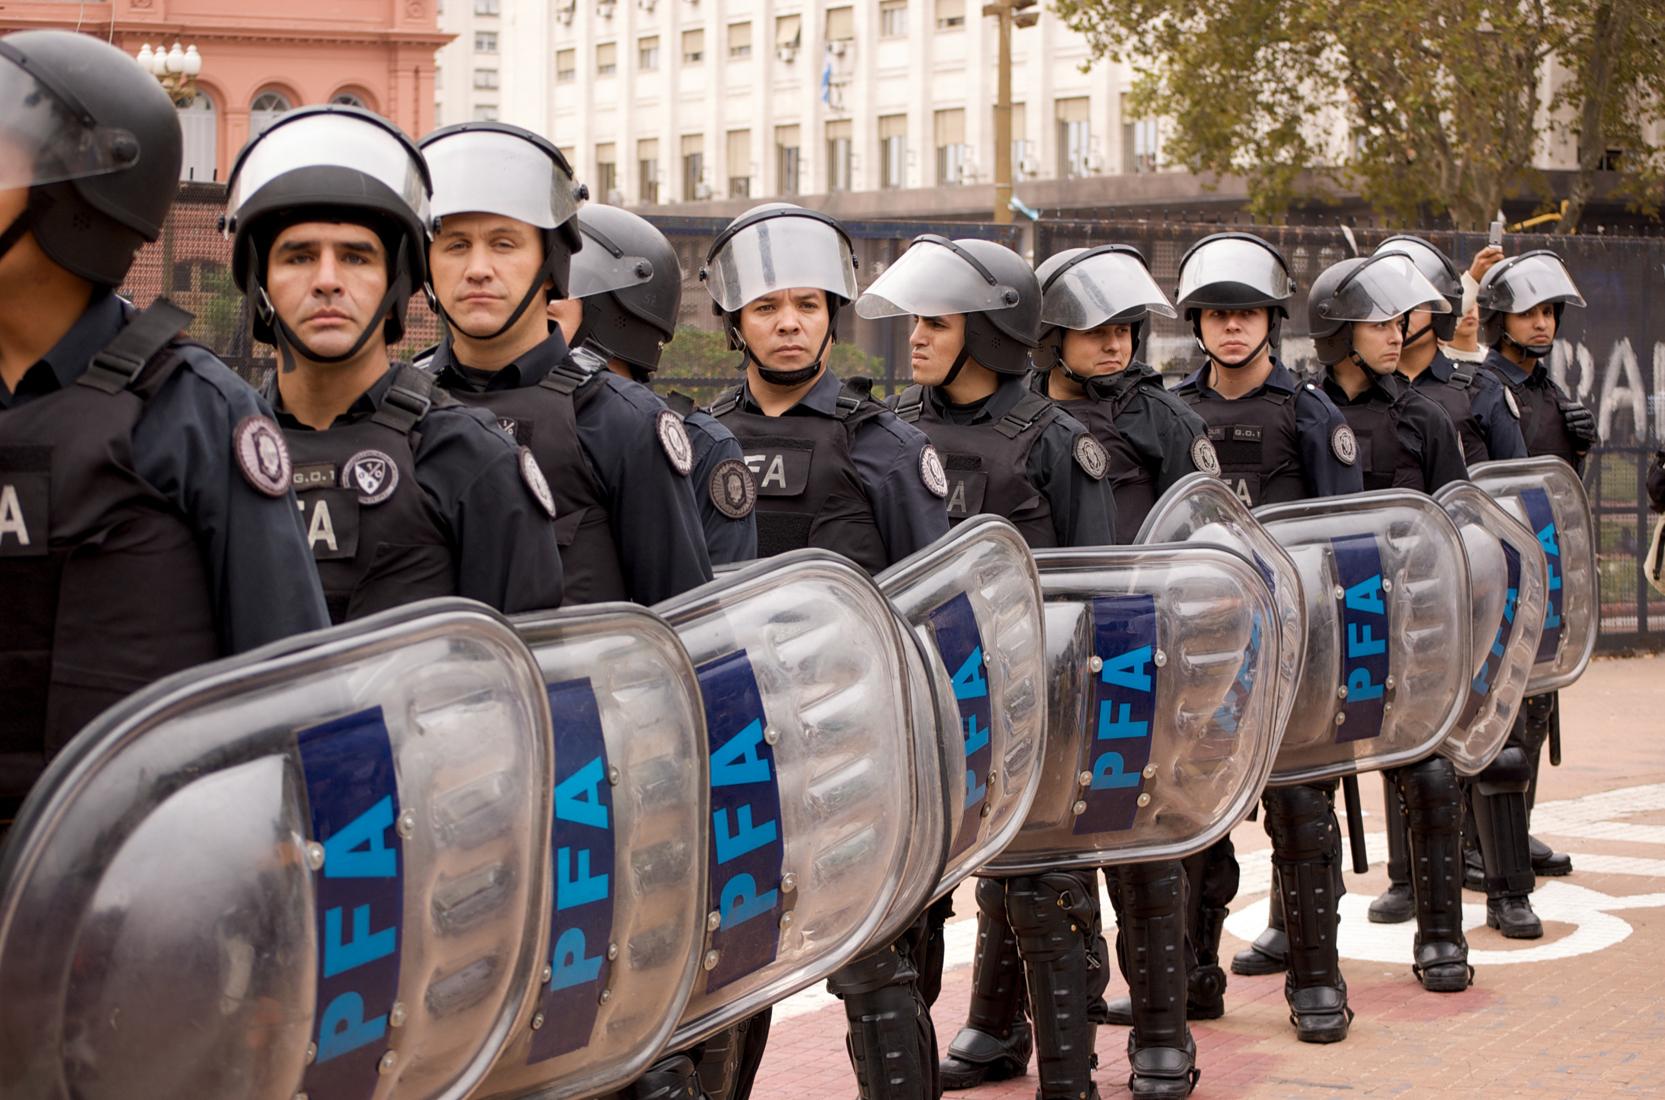 Las prioridades de Macri: recorta fondos a universidades y políticas de género para desviarlos a la represión policial